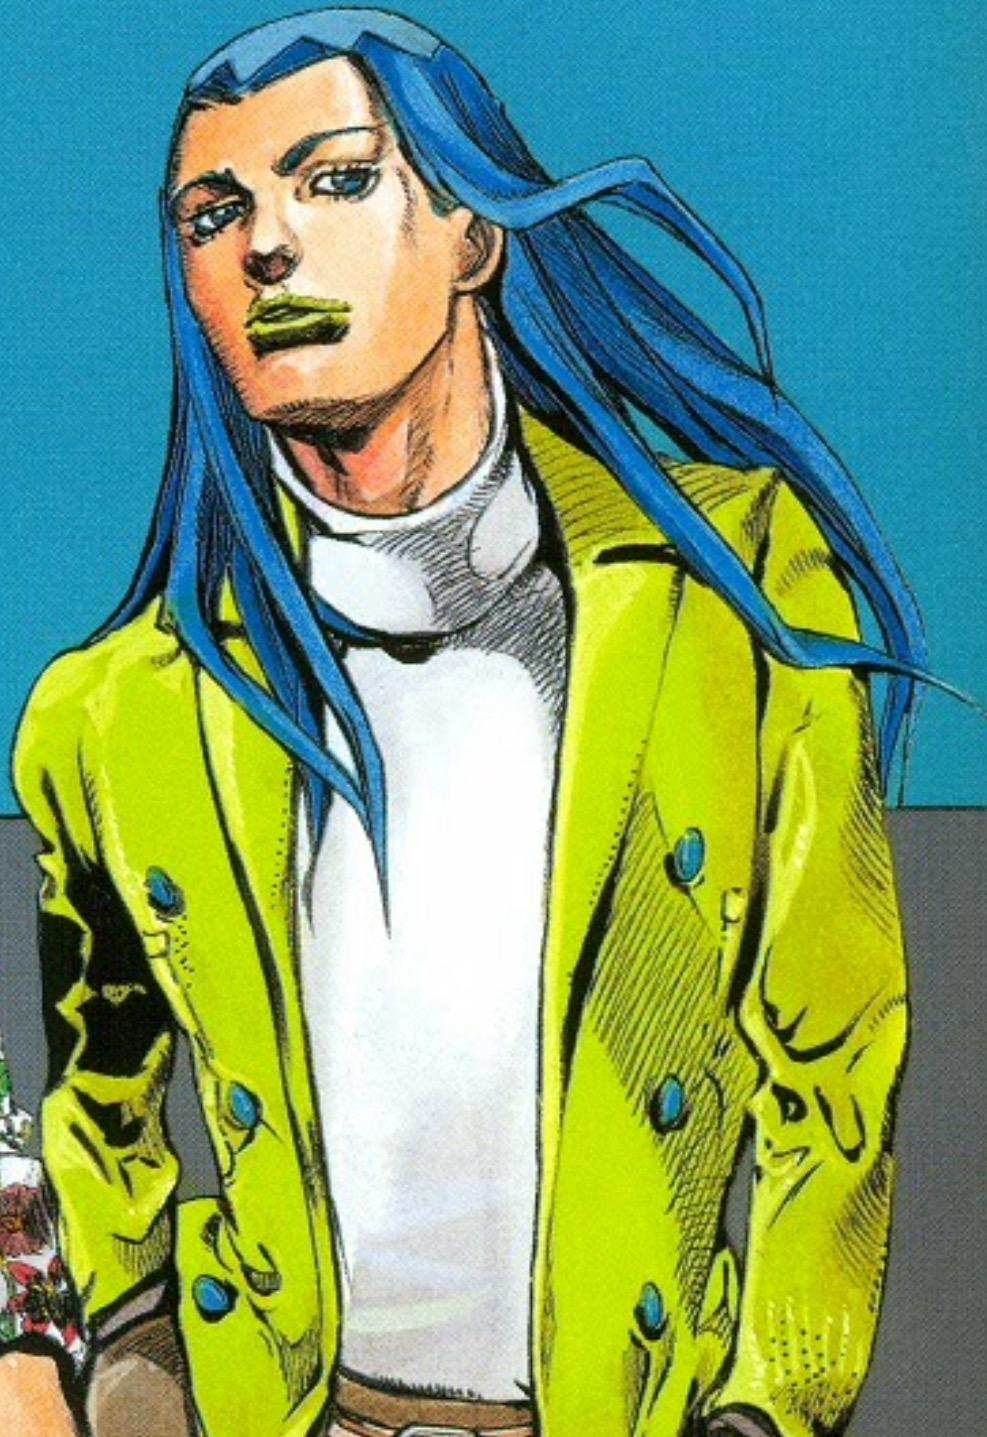 Leone Abbacchio Jojo S Bizarre Wiki Fandom Leone abbacchio is a fictional character from the japanese manga jojo's bizarre abbacchio was a cop once. leone abbacchio jojo s bizarre wiki